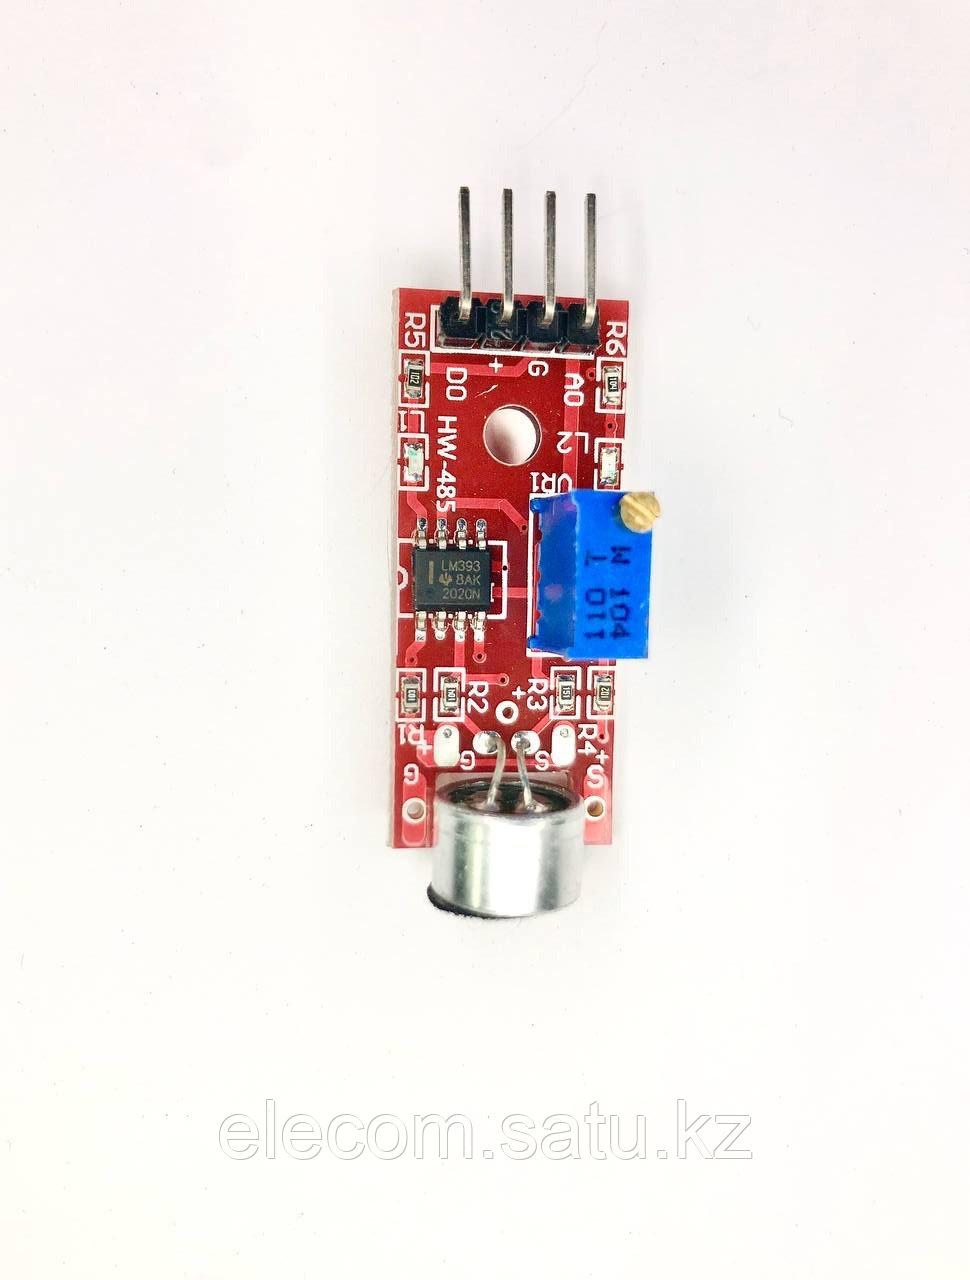 Универсальный звуковой датчик KY-037